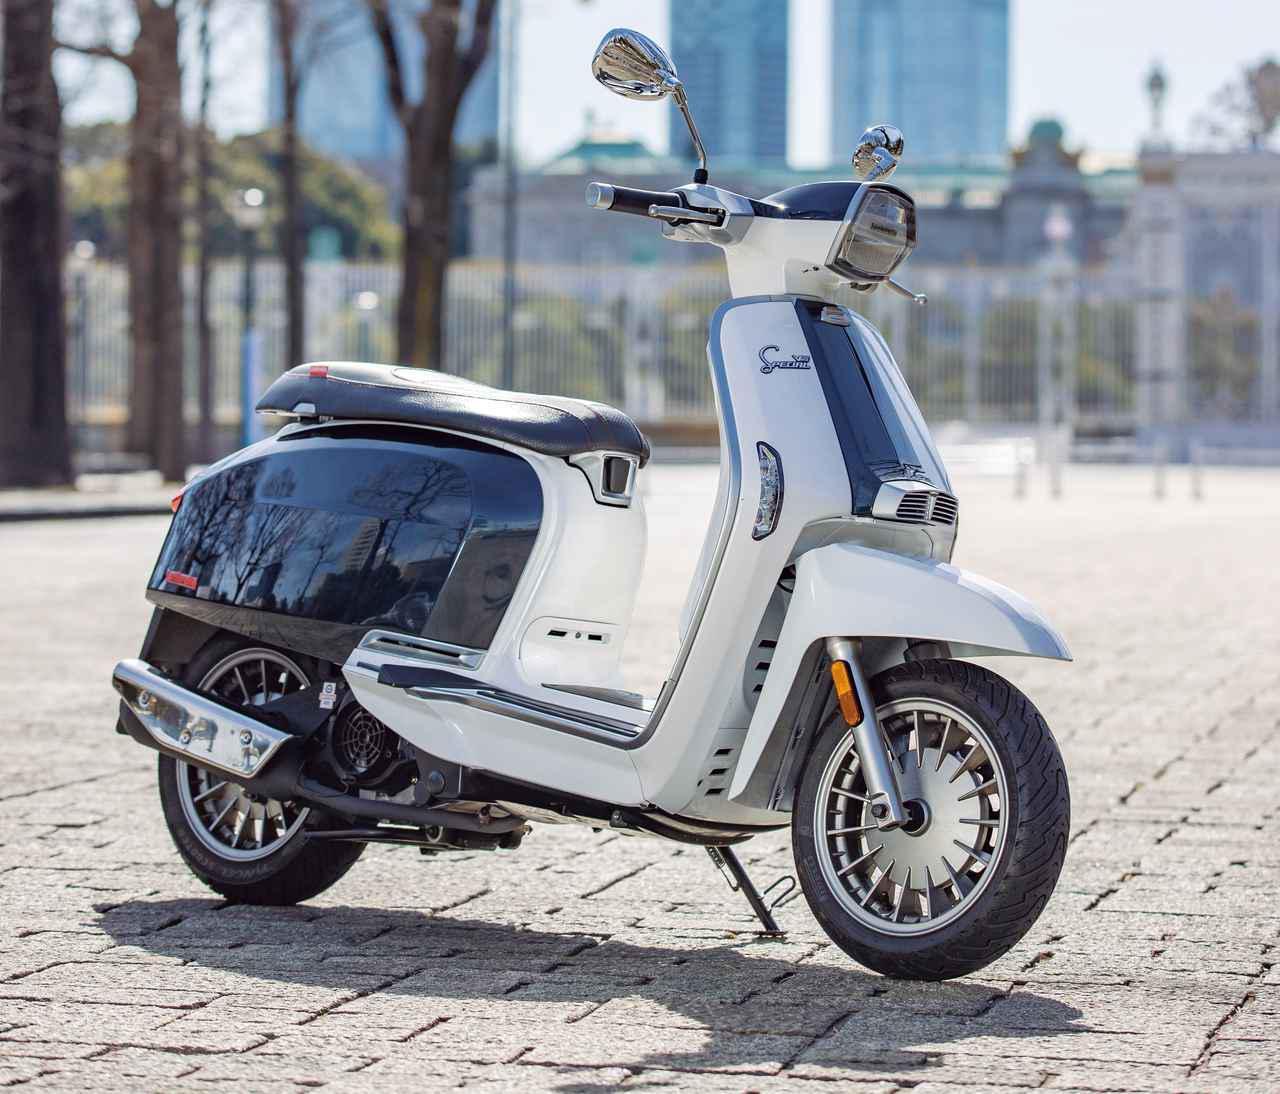 画像: 【インプレ】ランブレッタ「V125スペシャル」(2021年) - webオートバイ